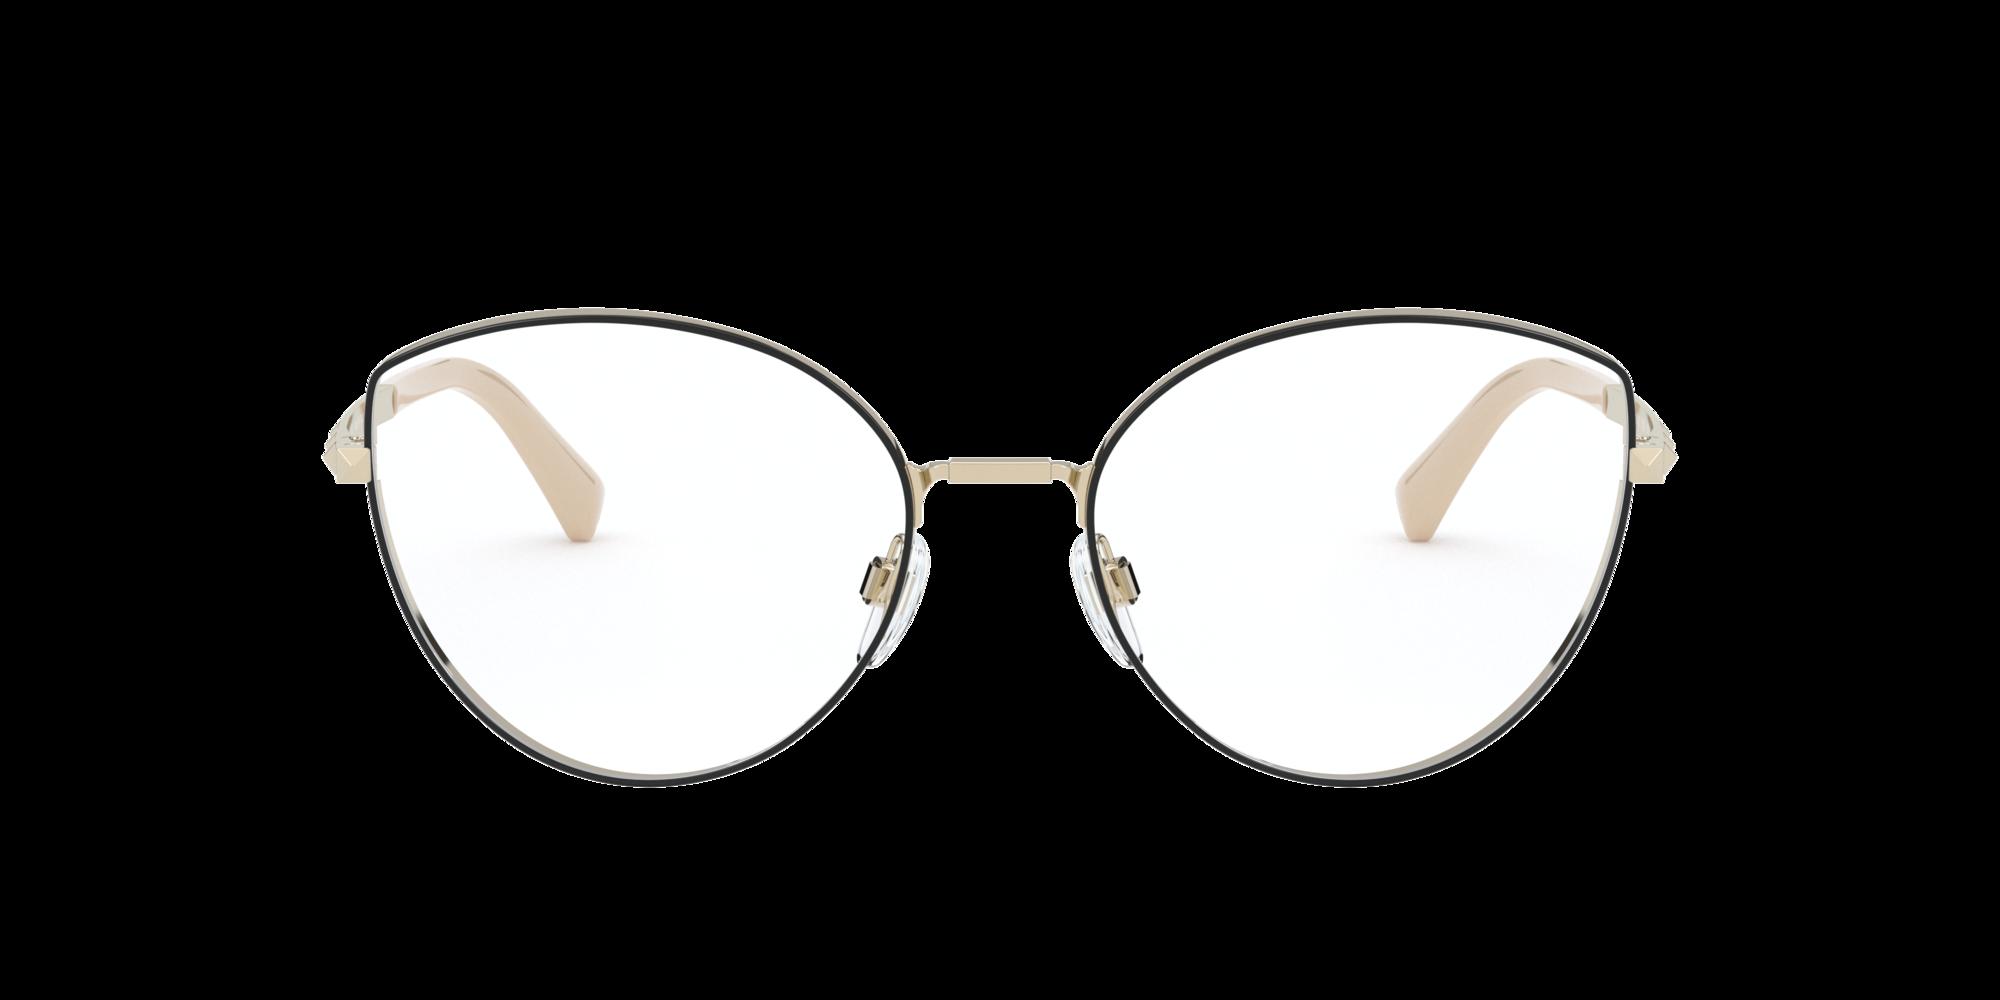 Imagen para VA1018 de LensCrafters |  Espejuelos, espejuelos graduados en línea, gafas